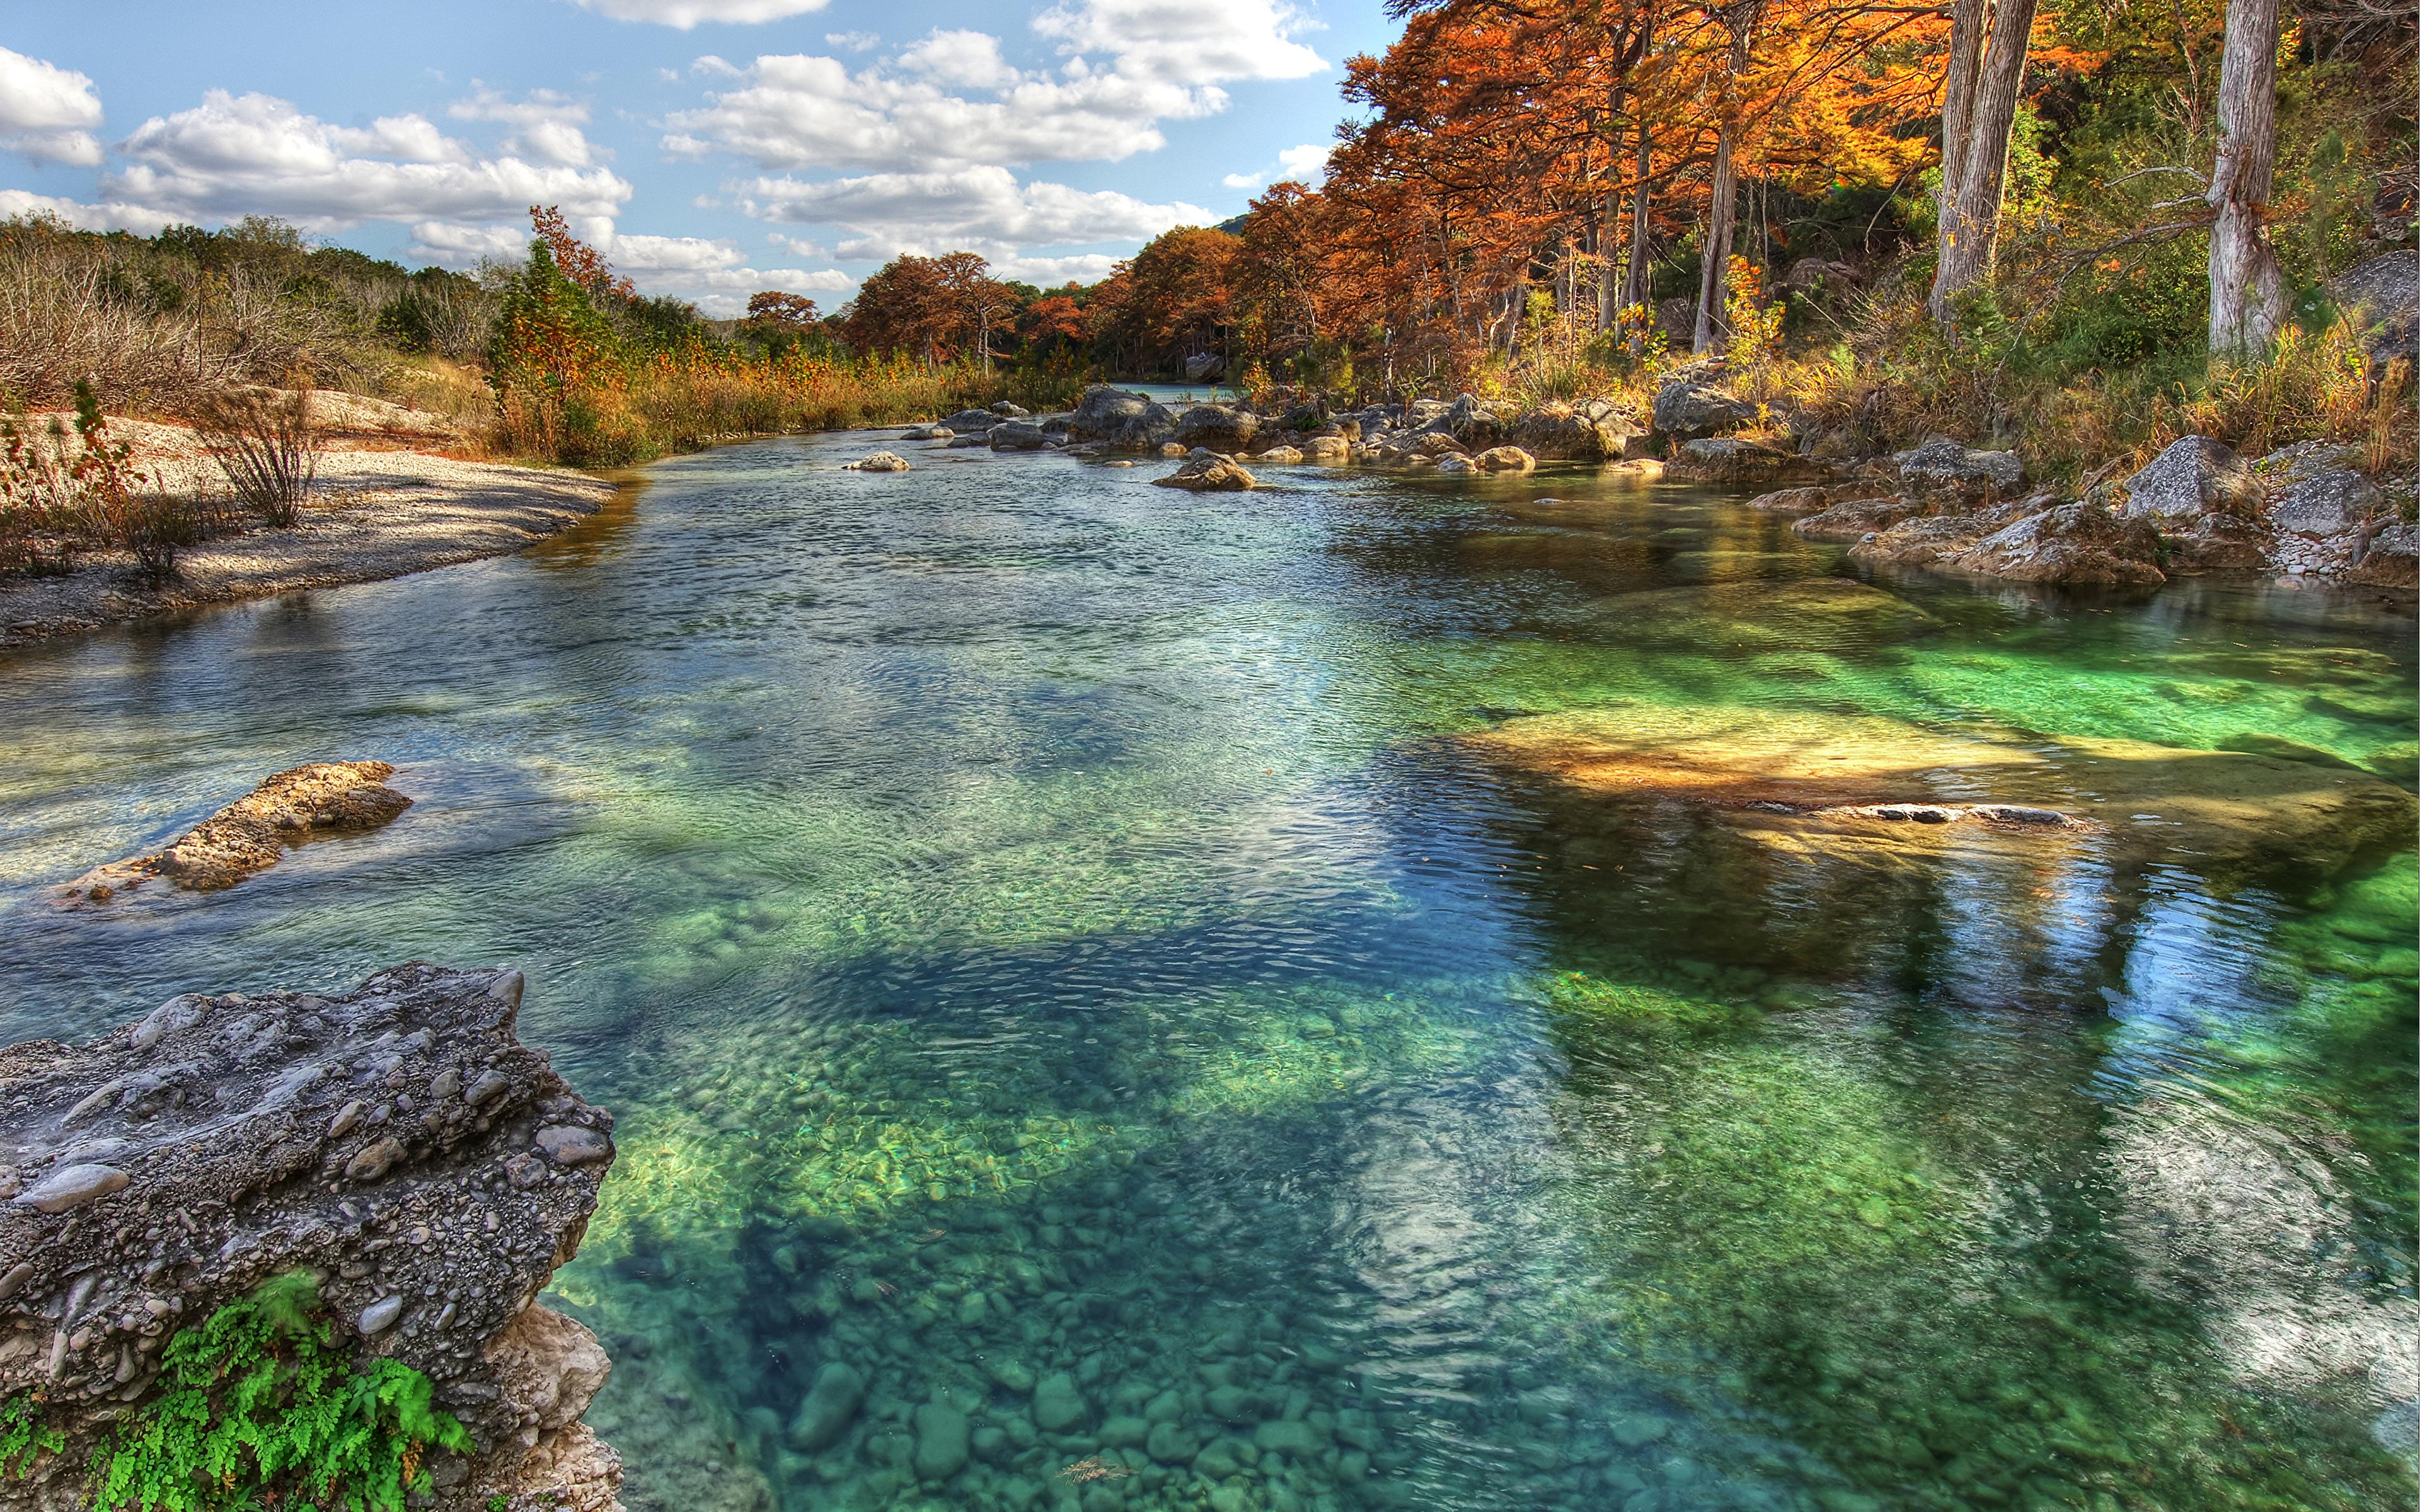 Река в камн  № 2387248 загрузить